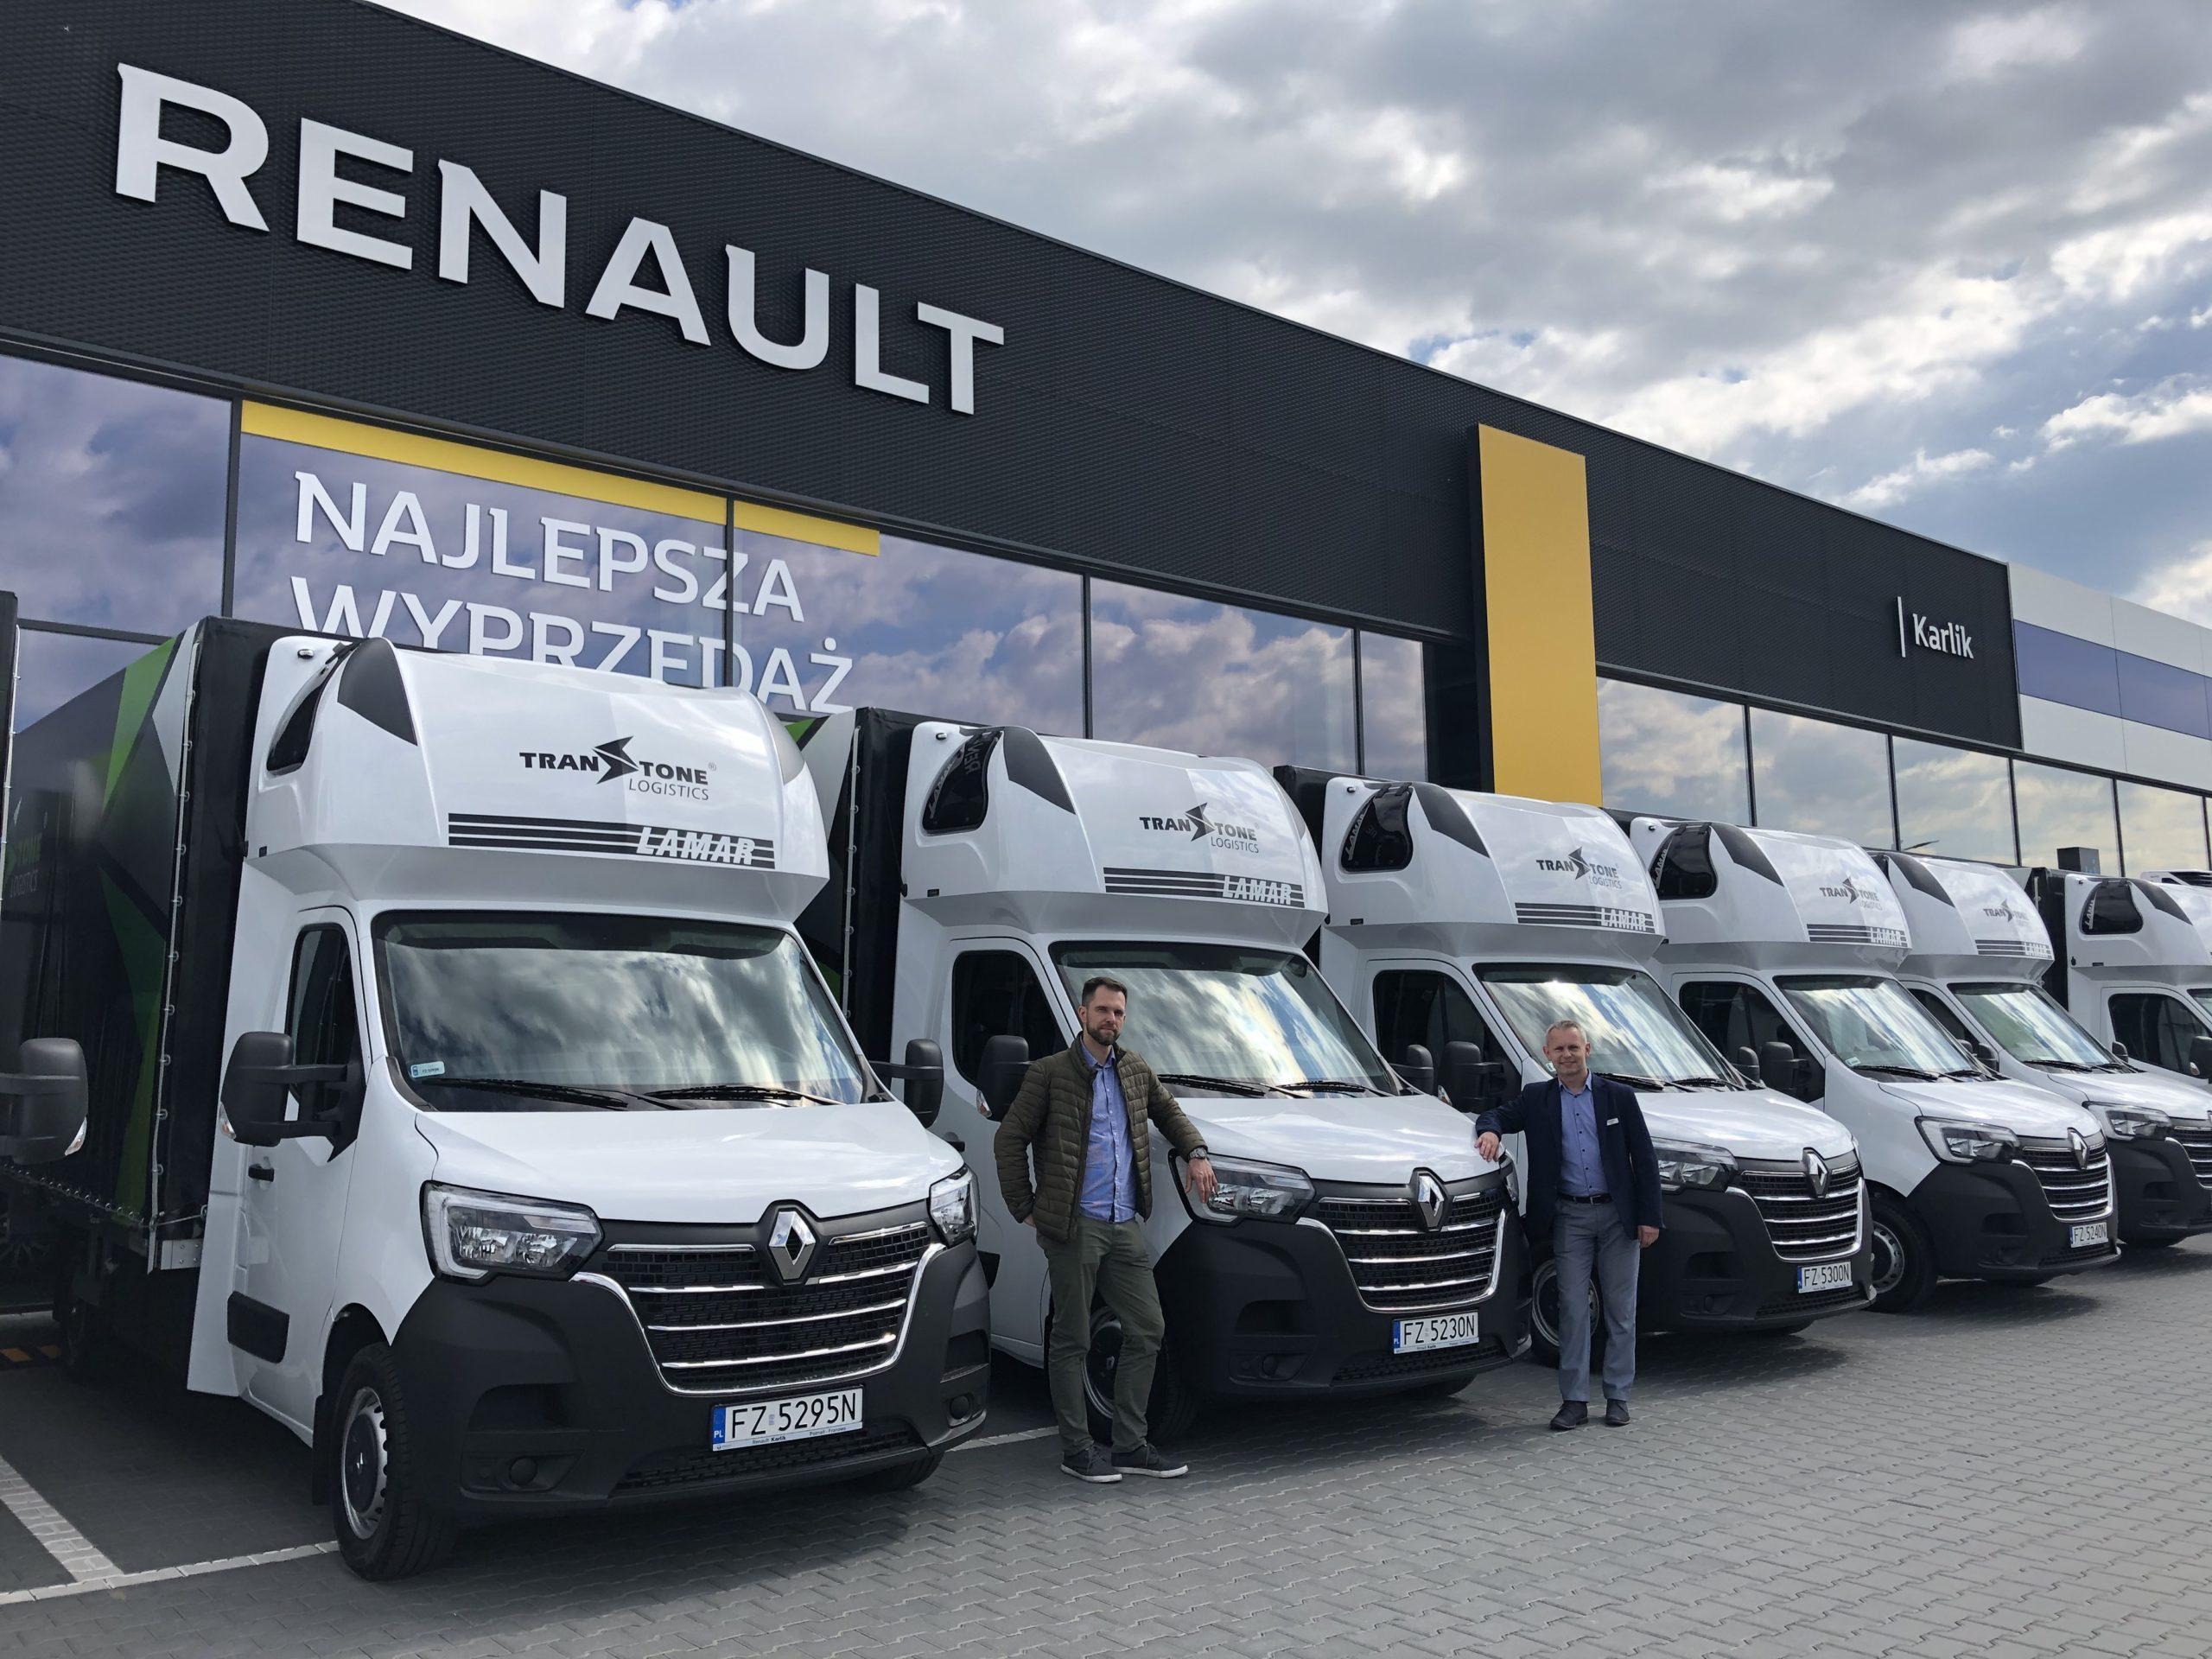 Flota Renault Master Karlik